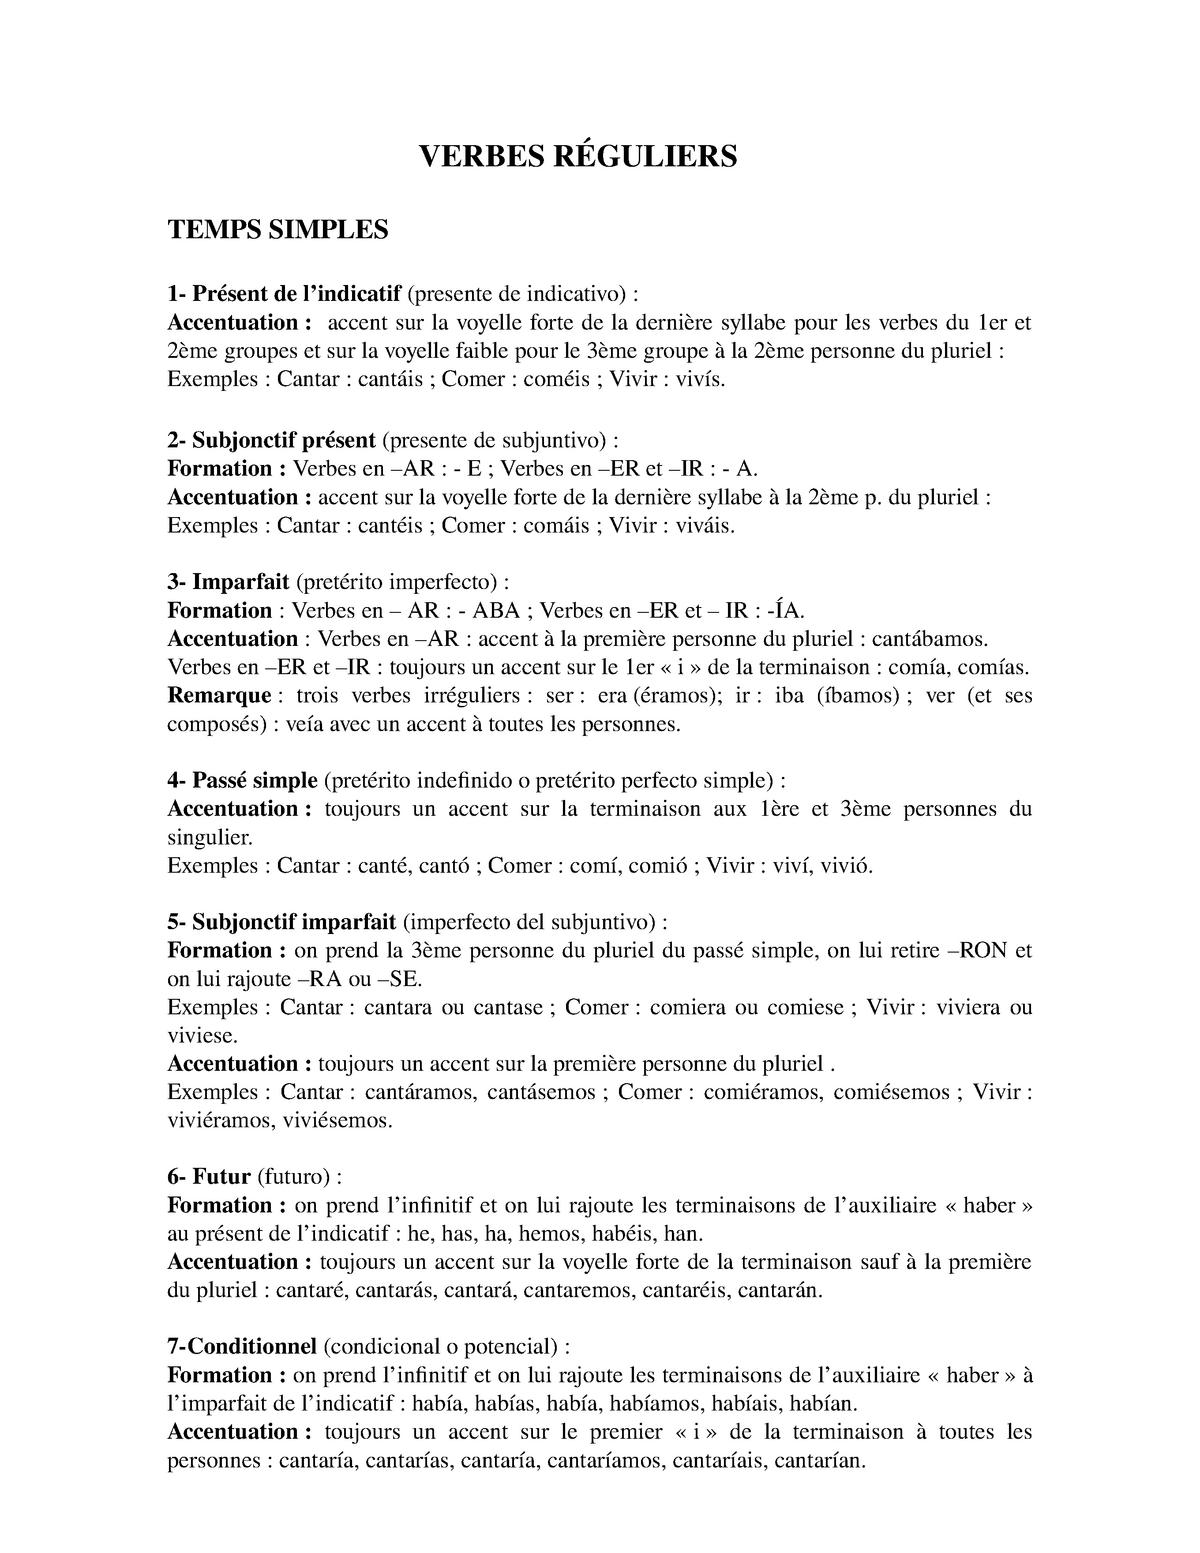 Cours Verbes Reguliers Grammaire Espagnole Verbes Guliers Temps Simples Pr Sent De Indicatif Presente De Indicativo Accentuation Accent Sur La Voyelle Forte Studocu